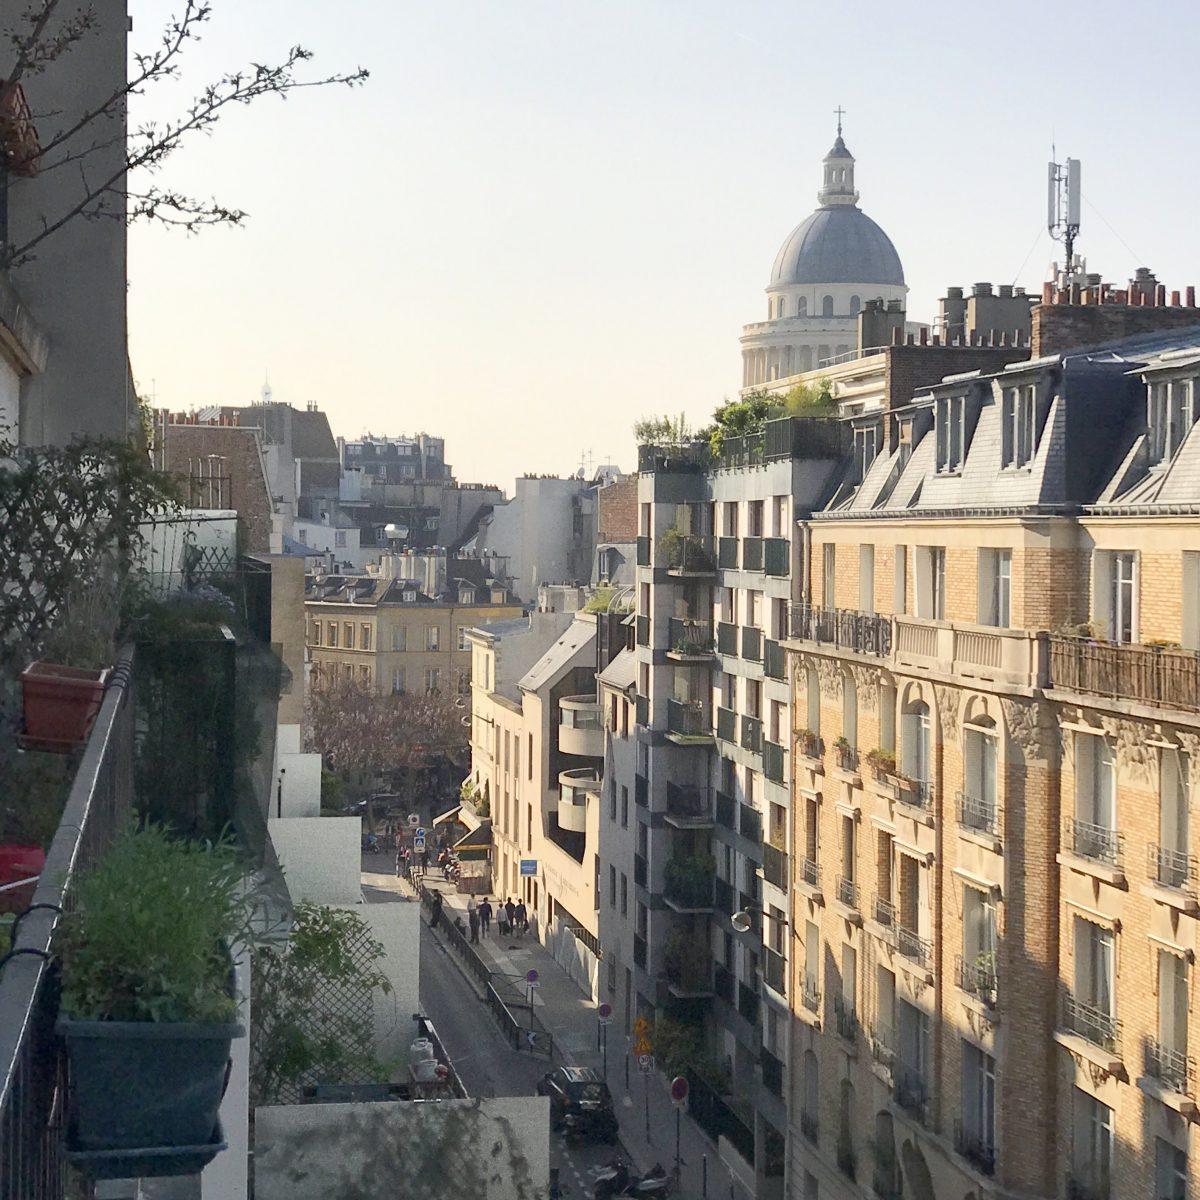 Über den Dächern von Paris | Berlinmittemom.com